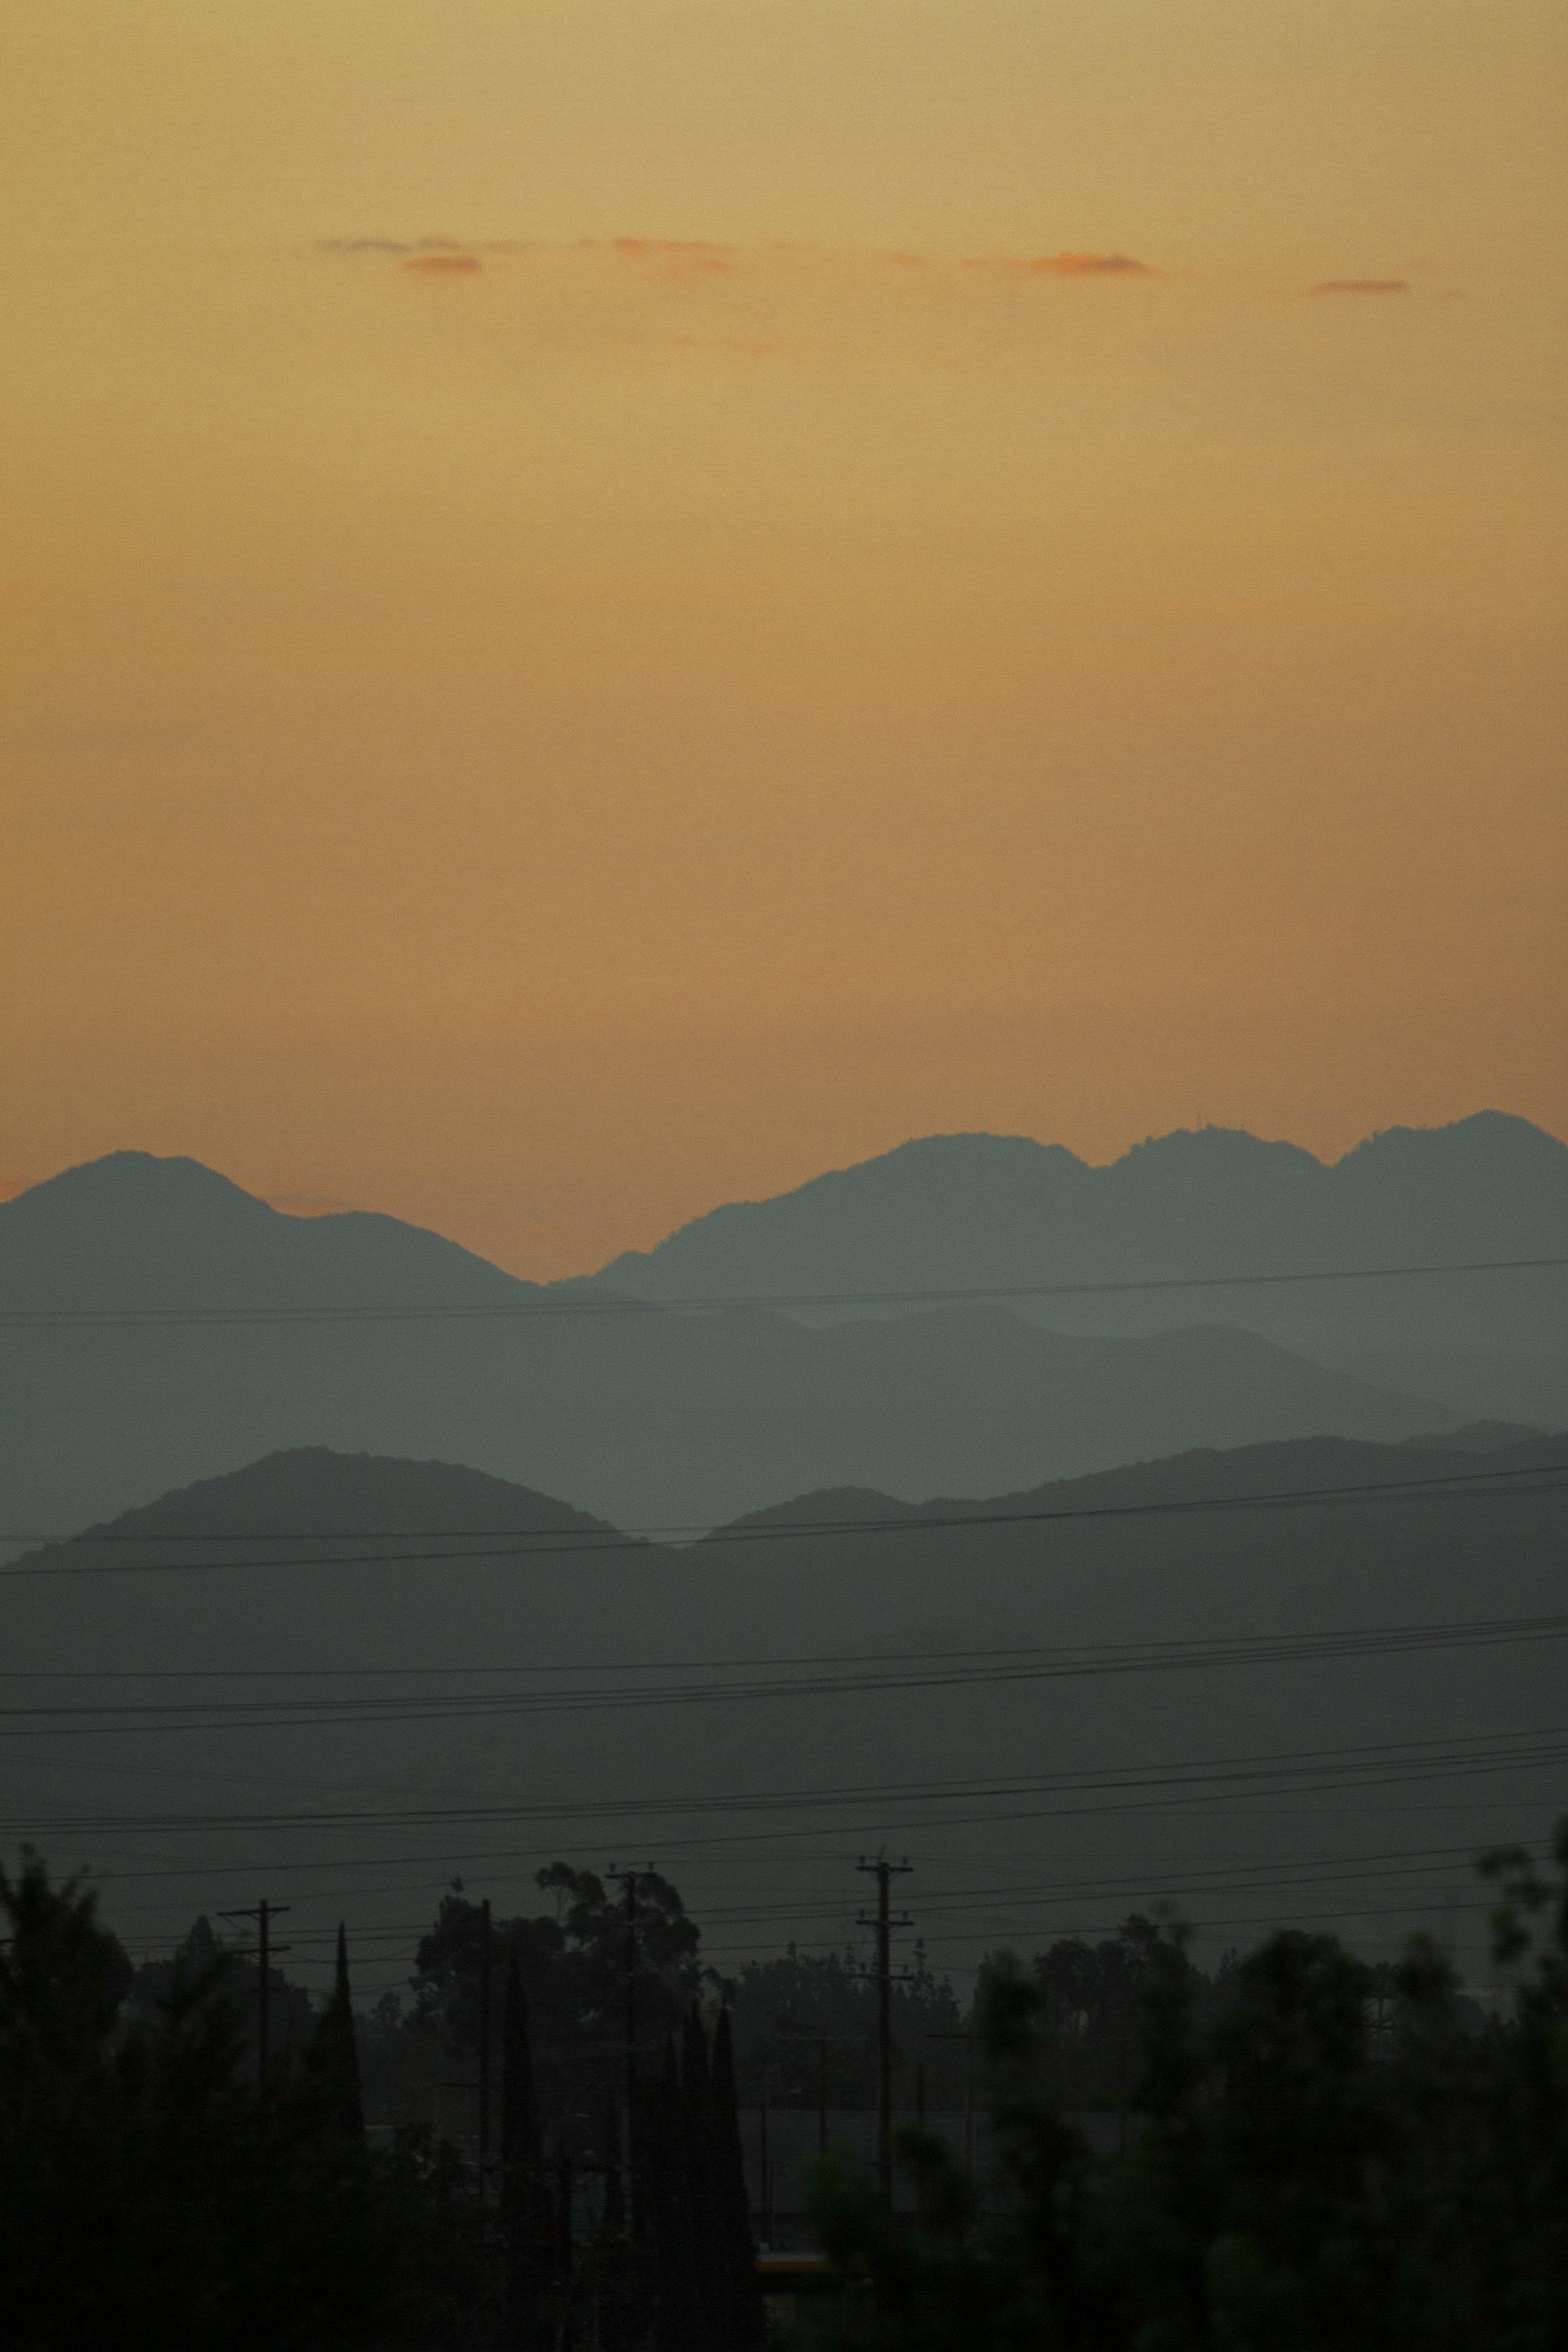 Sun Valley, California